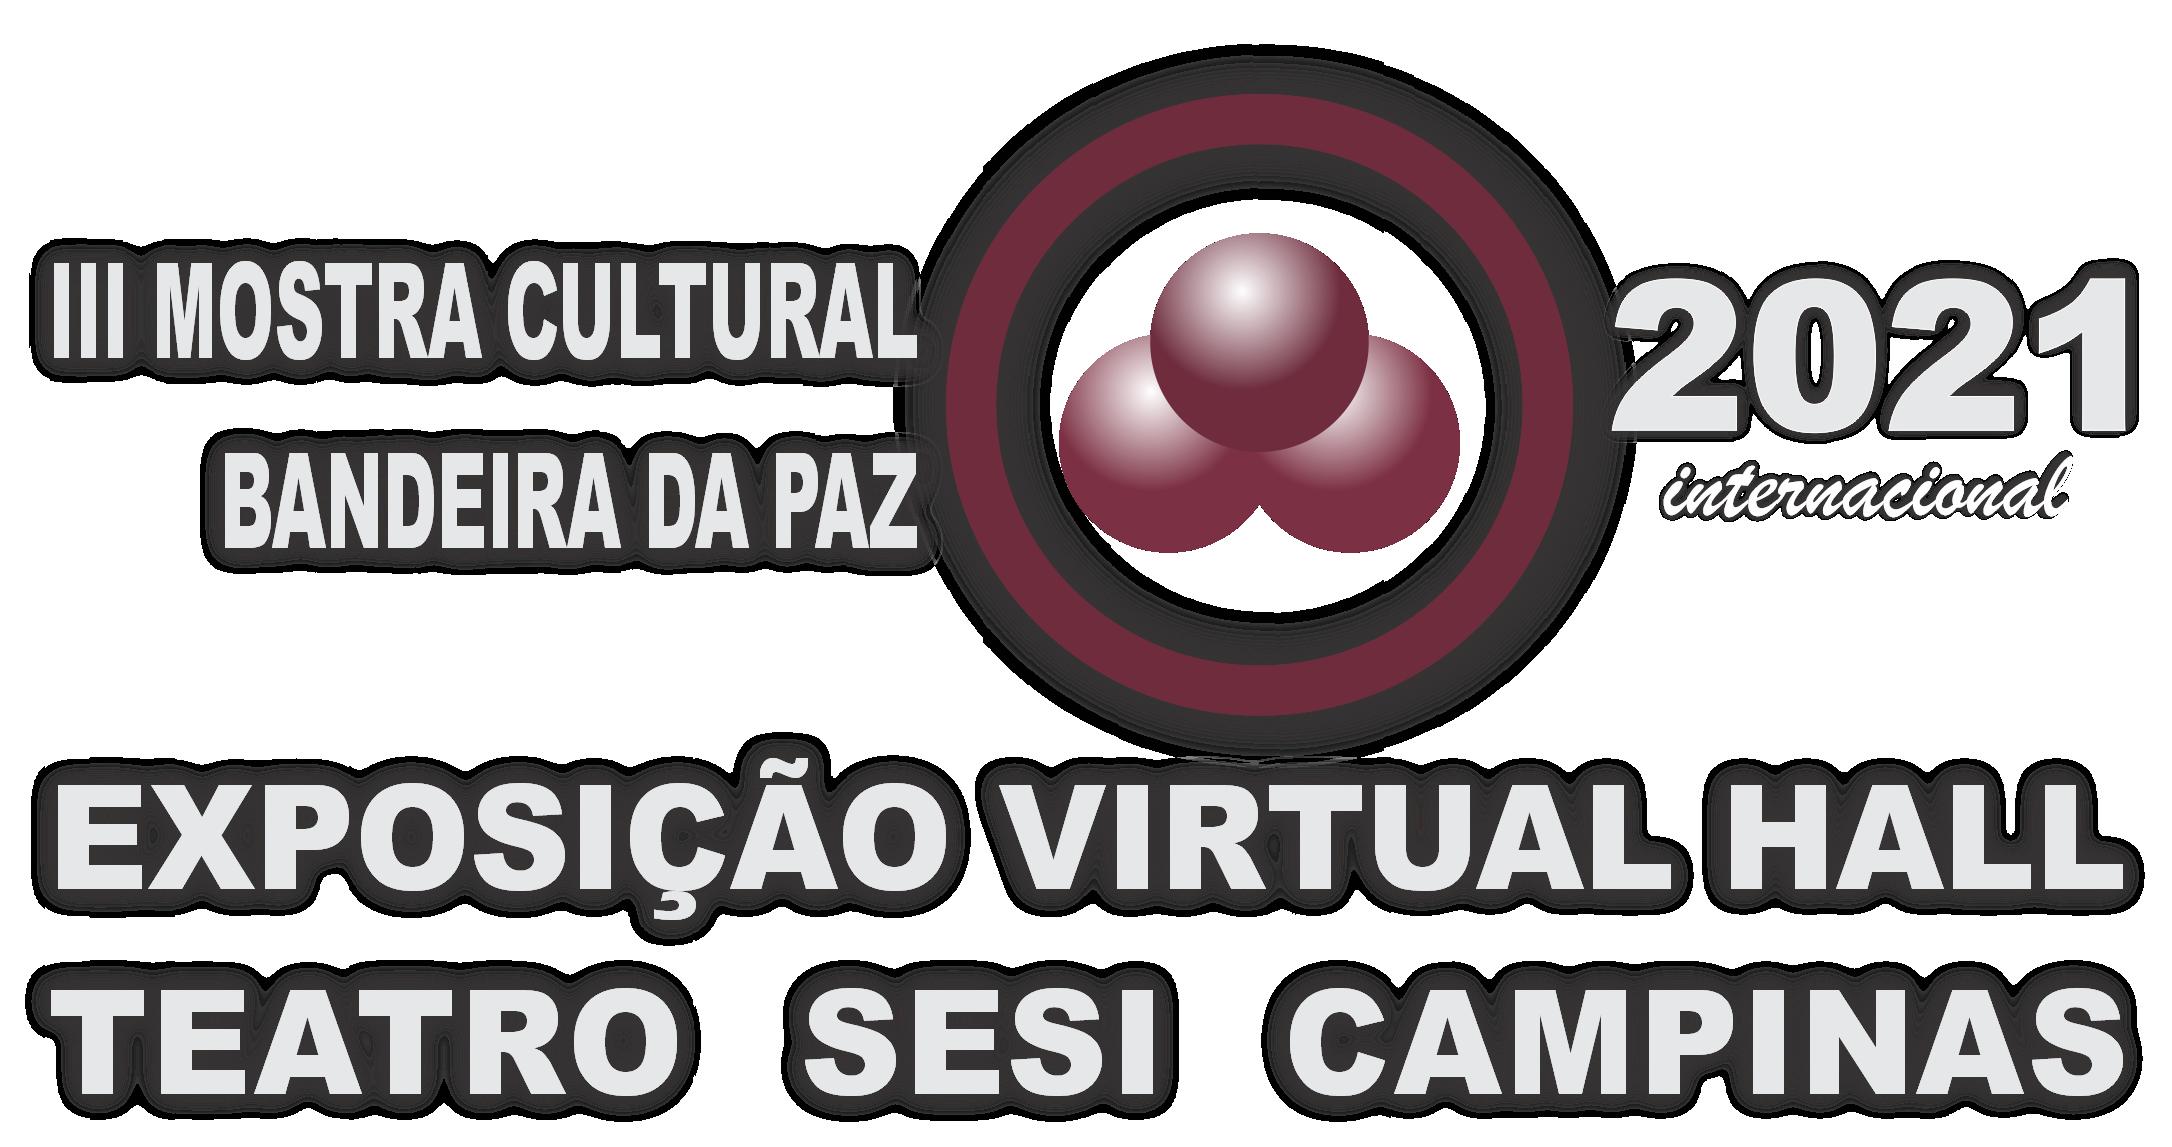 Logo EXPOSICAO VIRTUAL Bandeira da Paz 2021_3